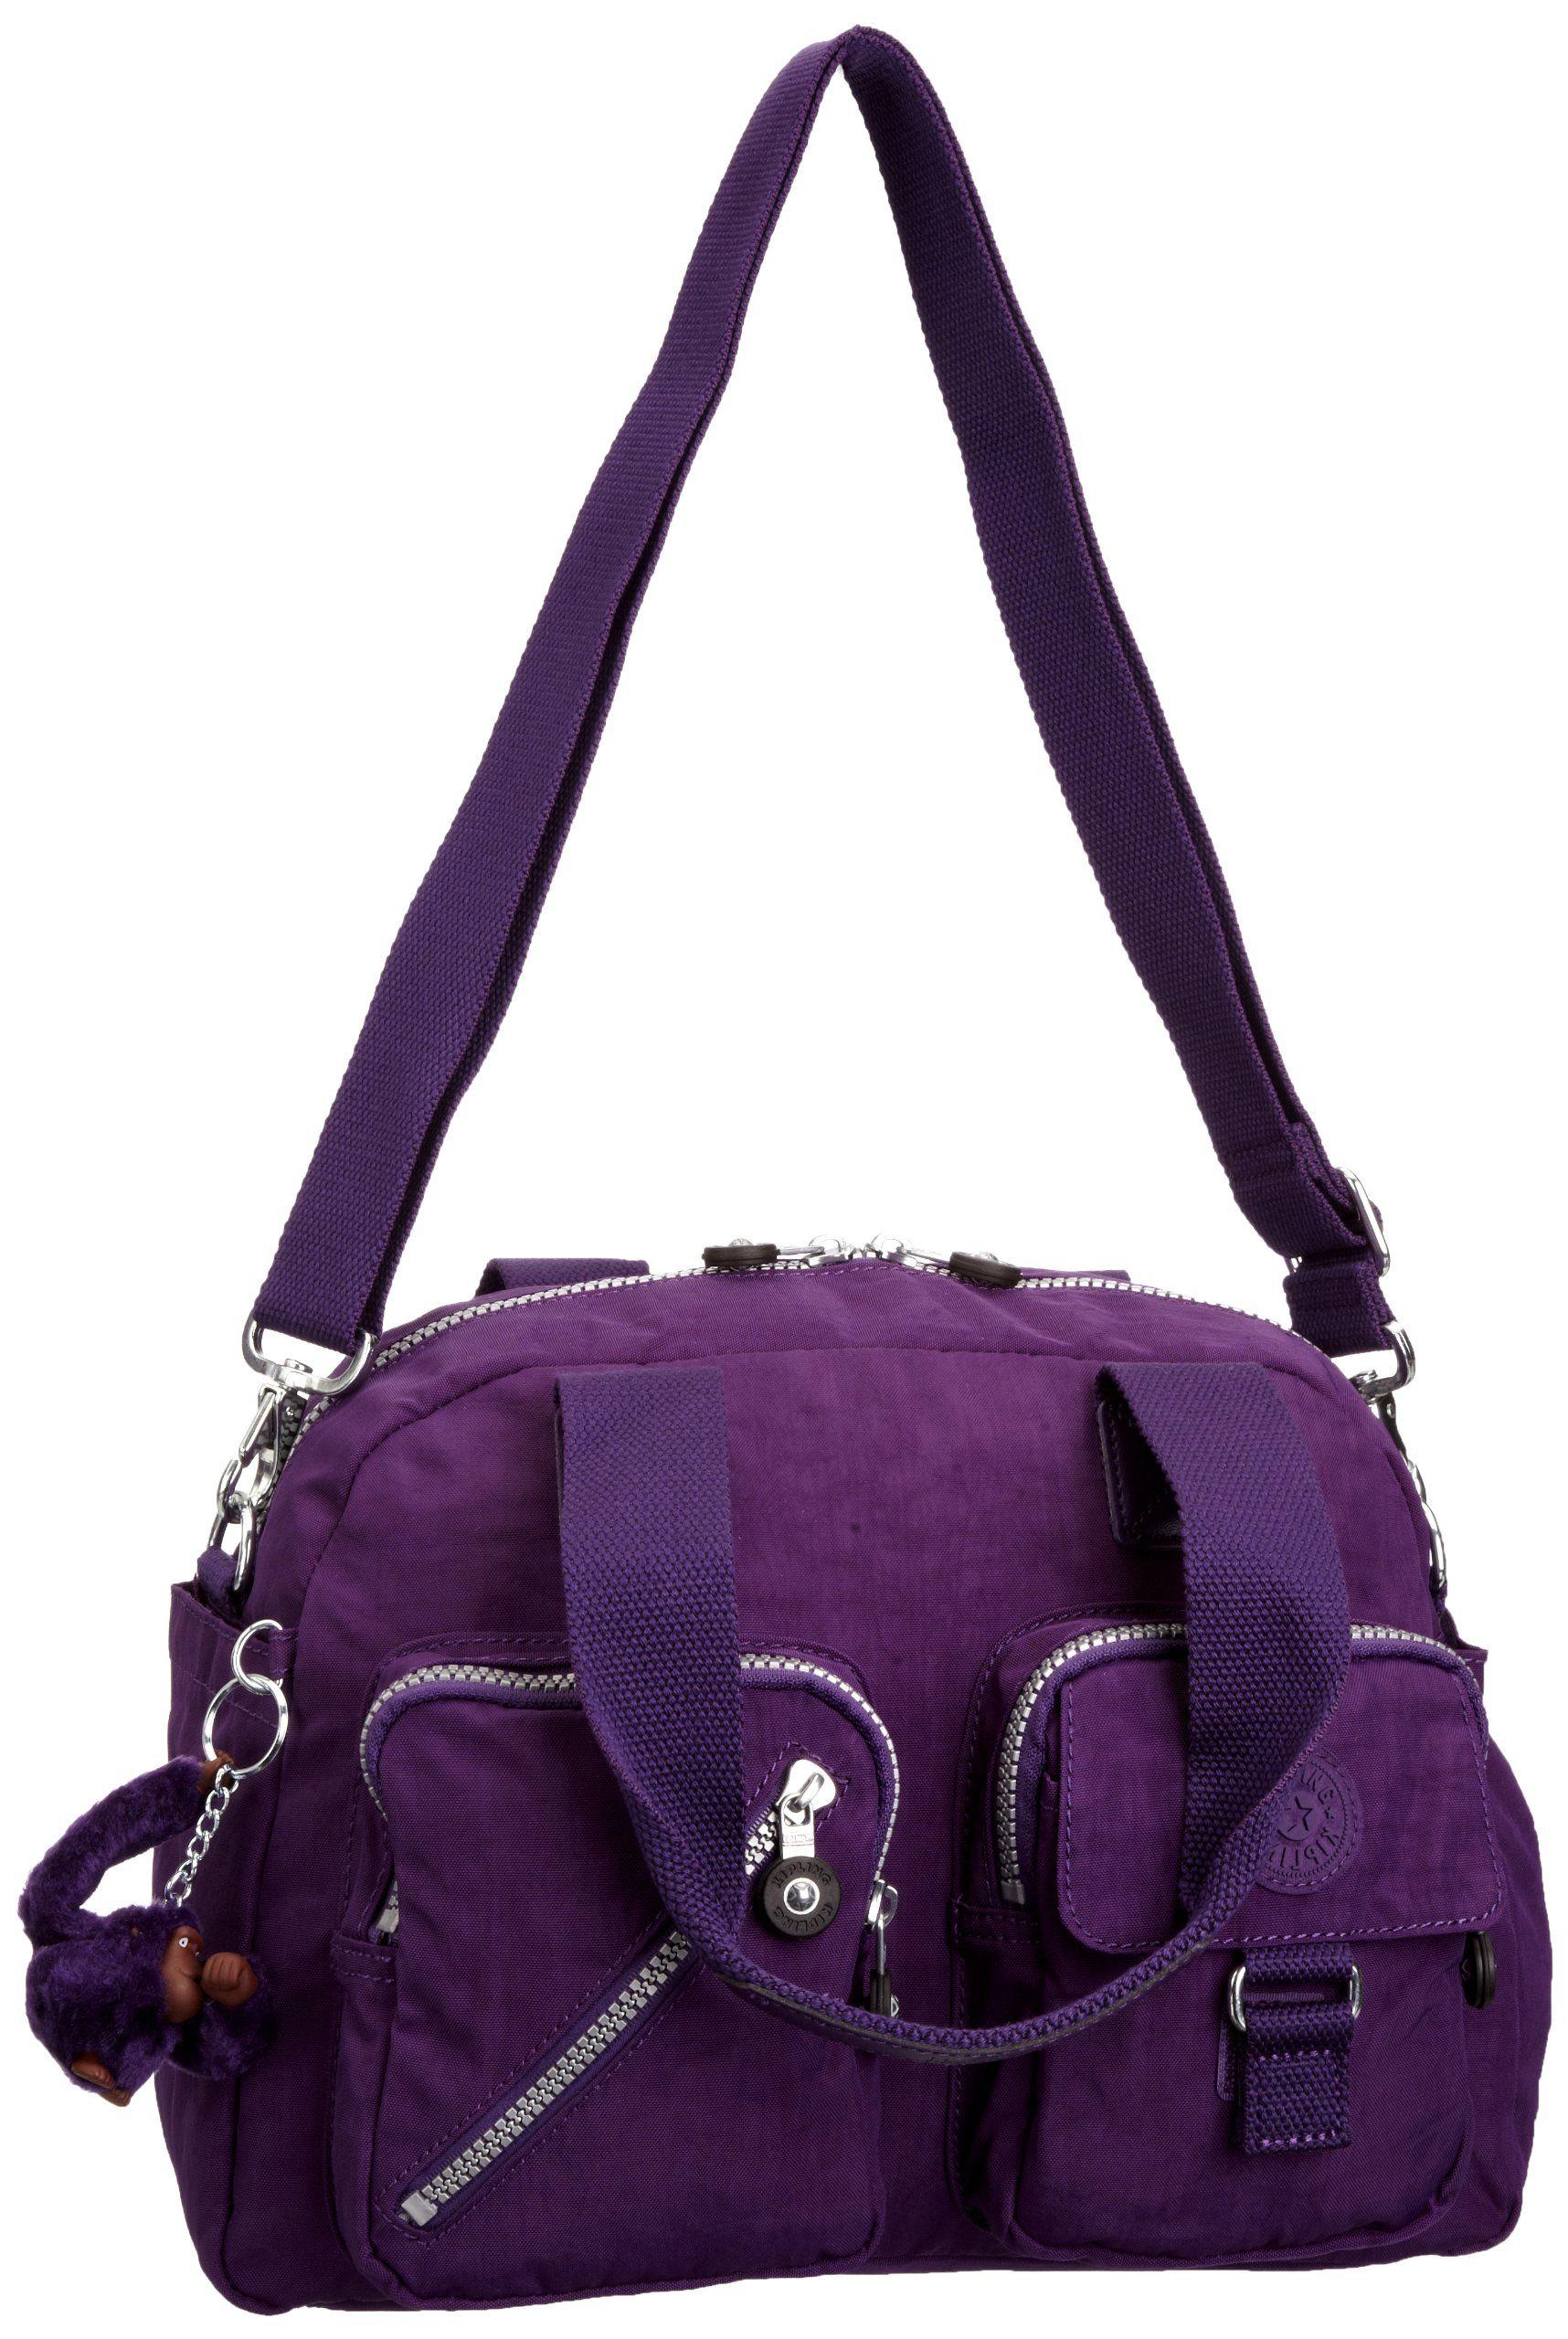 Kipling Women S Defea Shoulder Bag K13636c21 Brilliant Purple Co Uk Shoes Bags